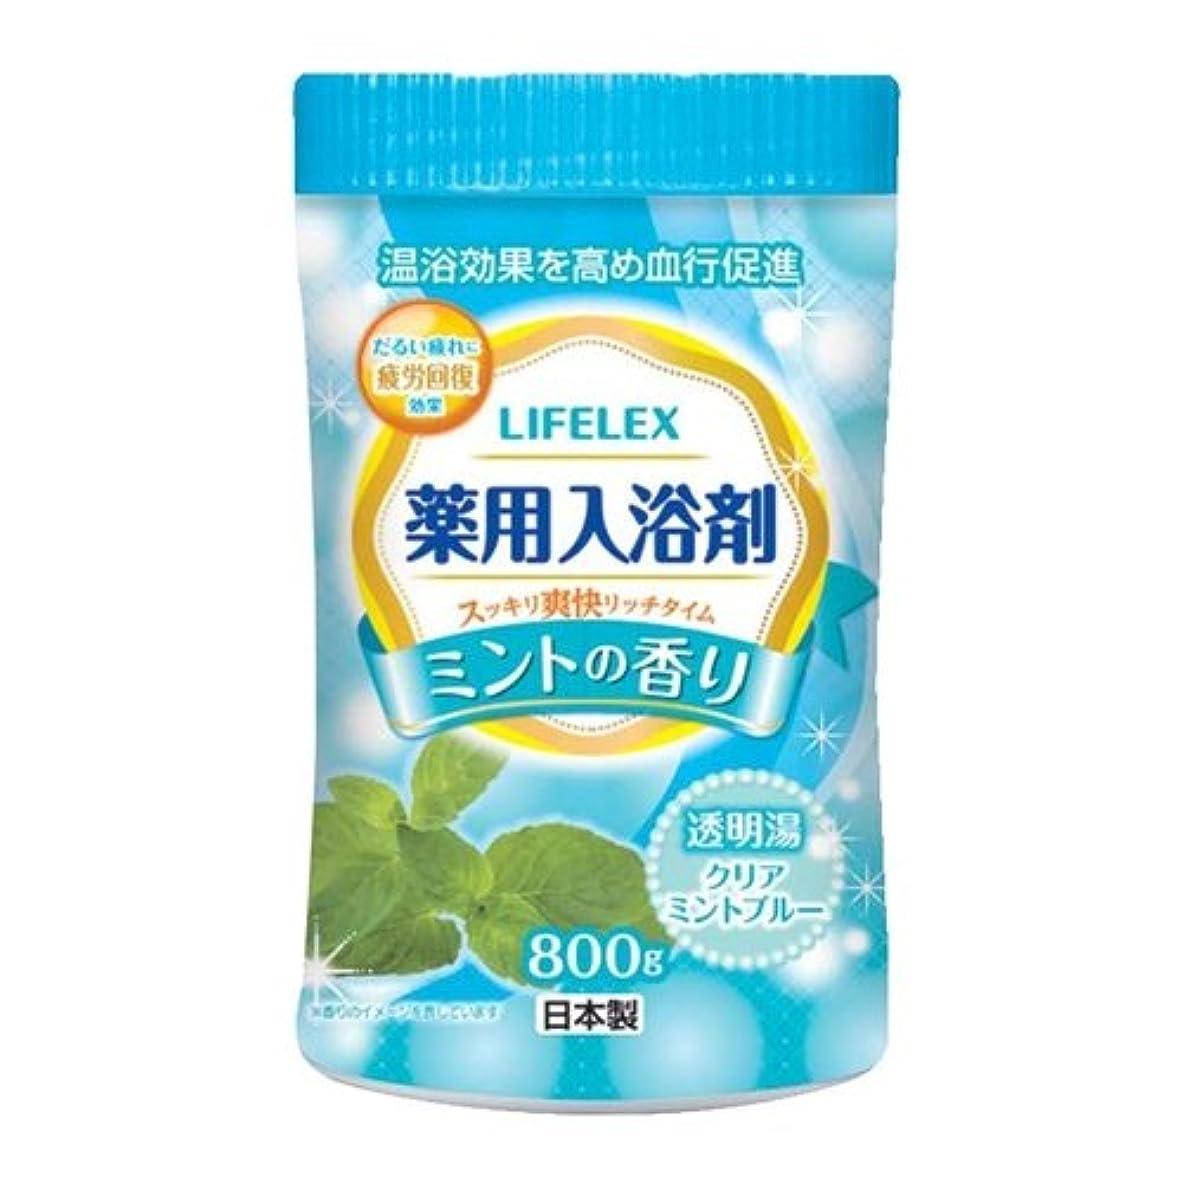 韓国帝国育成コーナンオリジナル 薬用入浴剤 800g ミントの香り